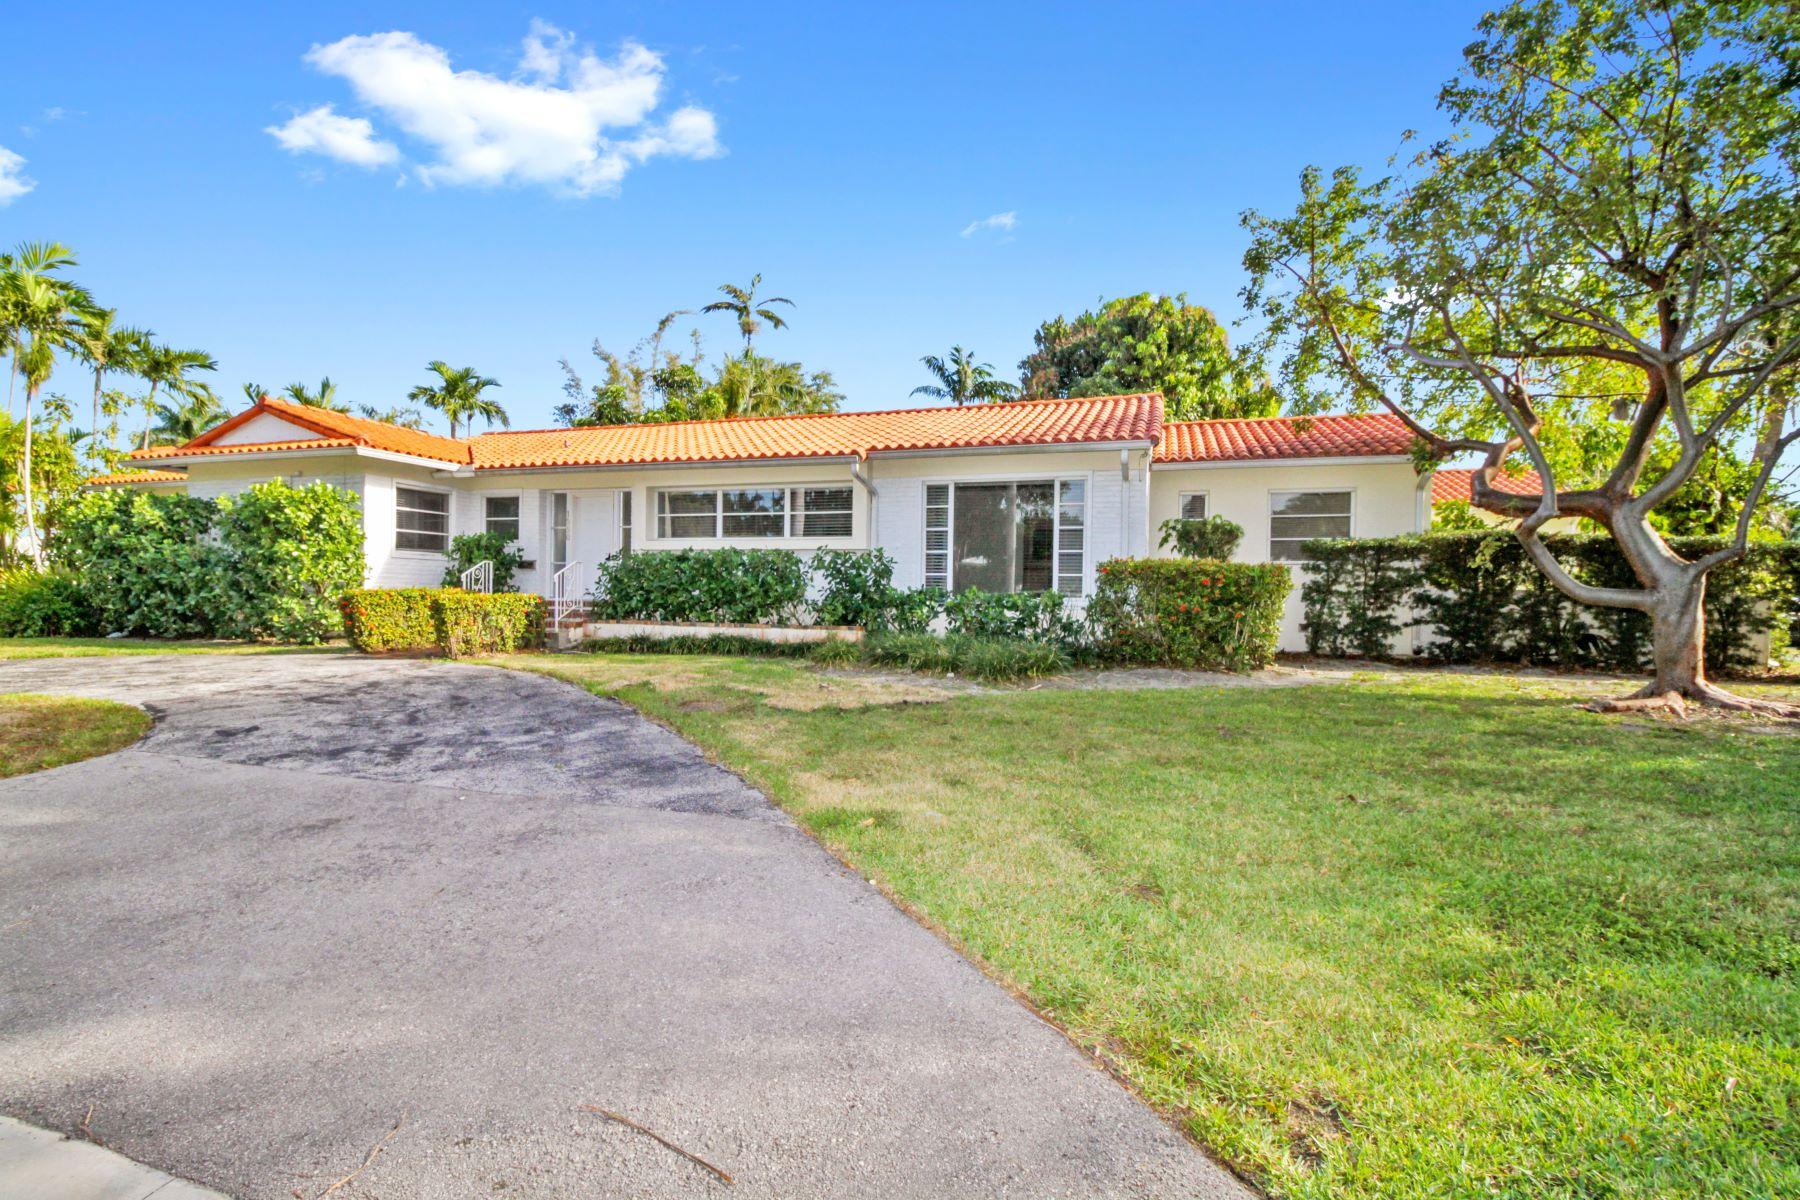 واحد منزل الأسرة للـ Sale في 1550 N View Dr Miami Beach, Florida, 33140 United States